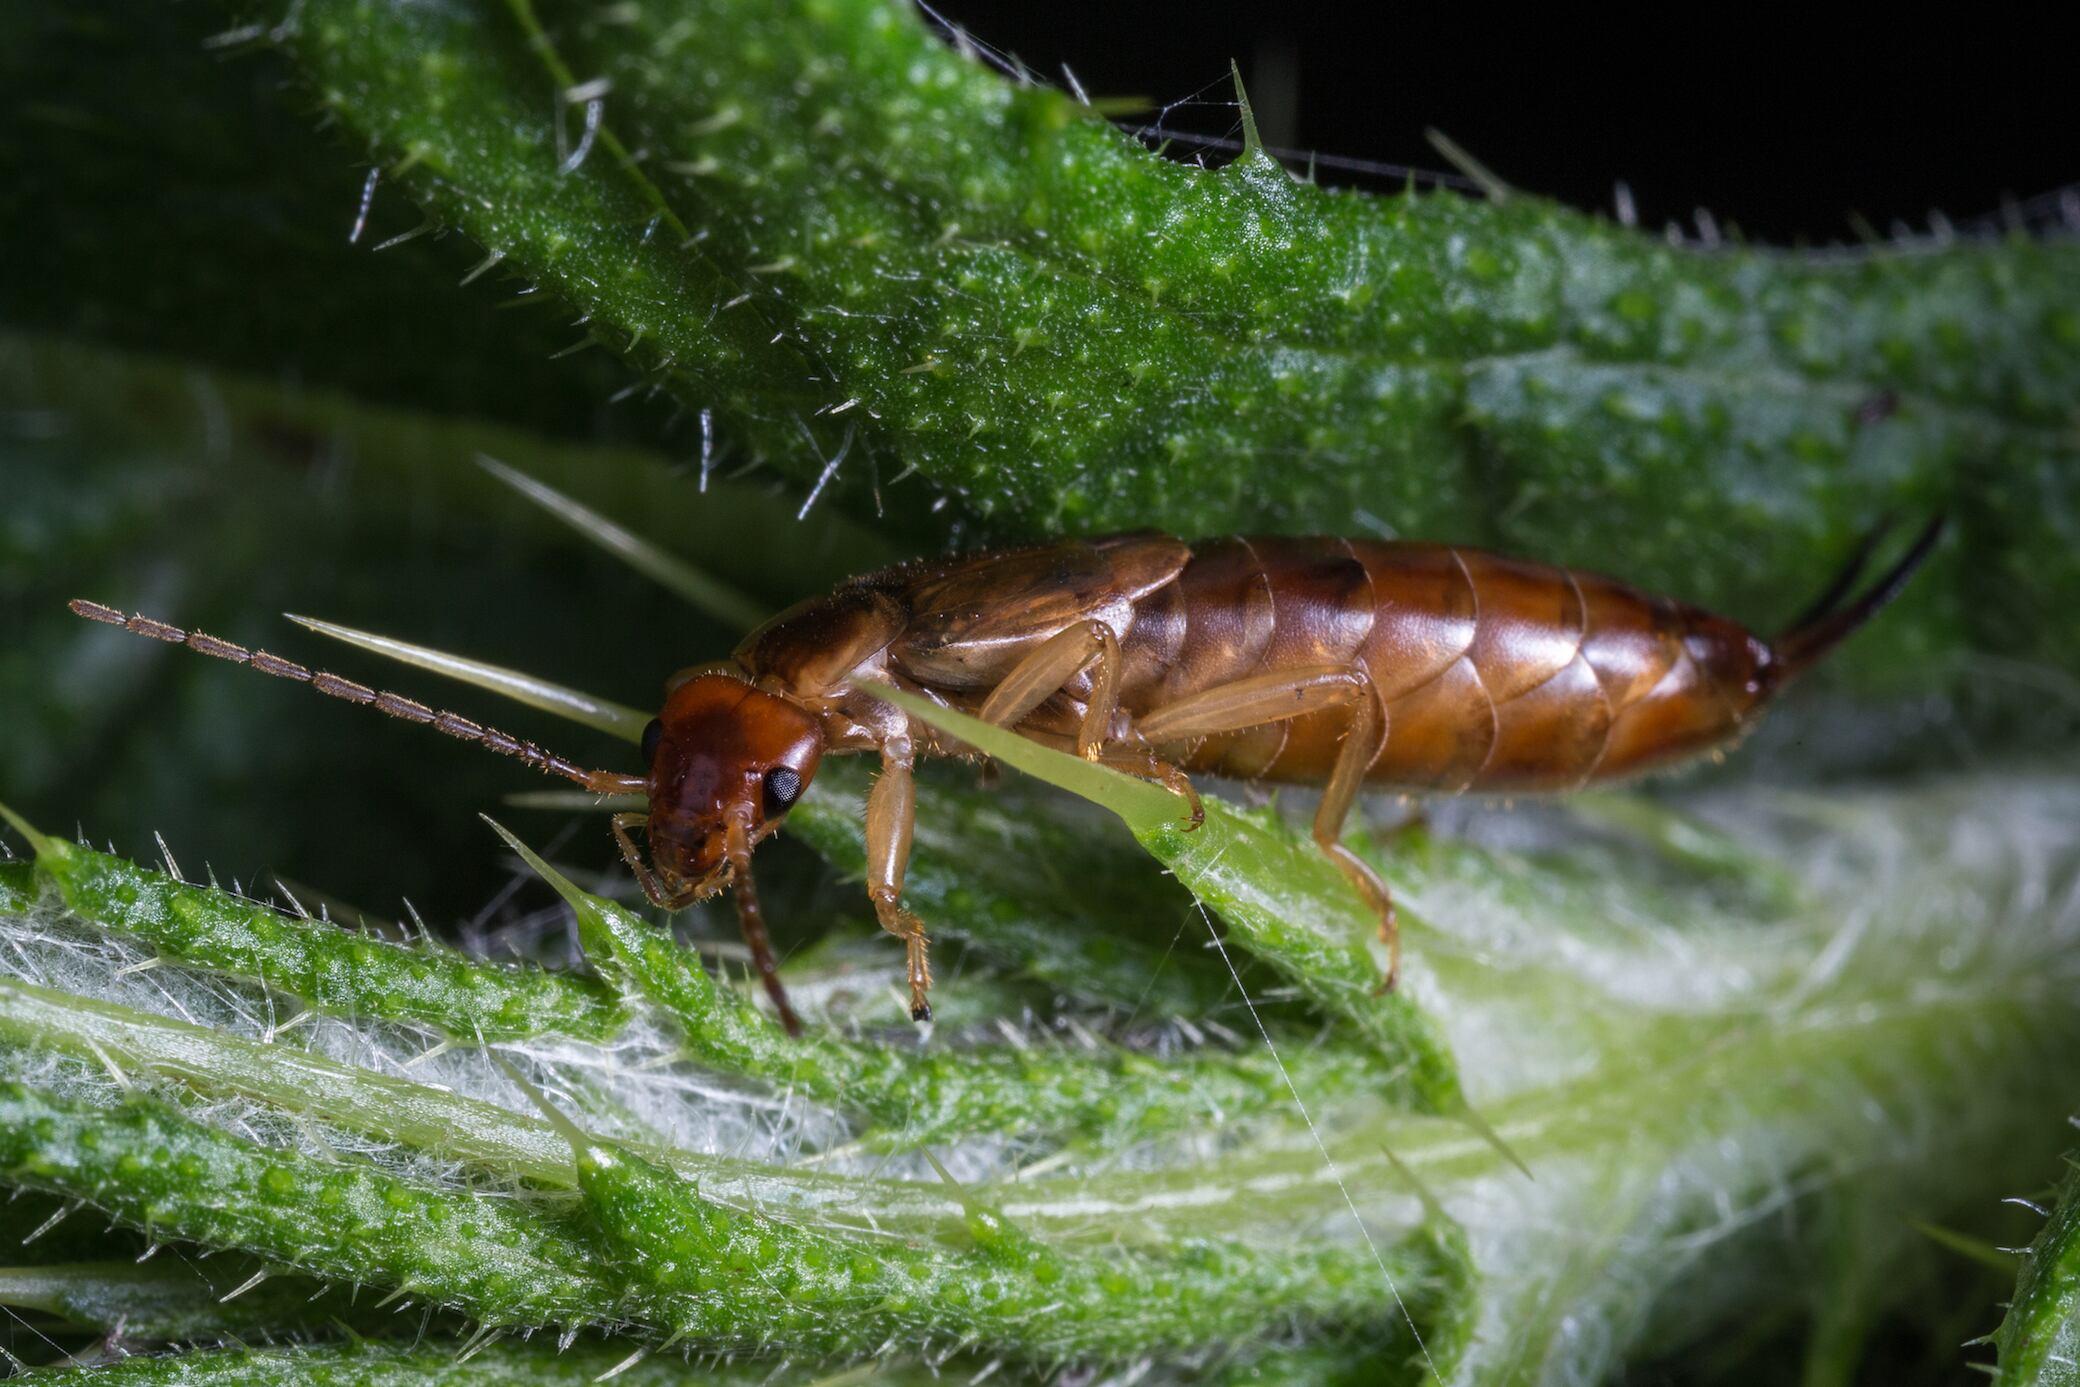 Mit Strohfallen Pflanzen vor Schädlingen schützen